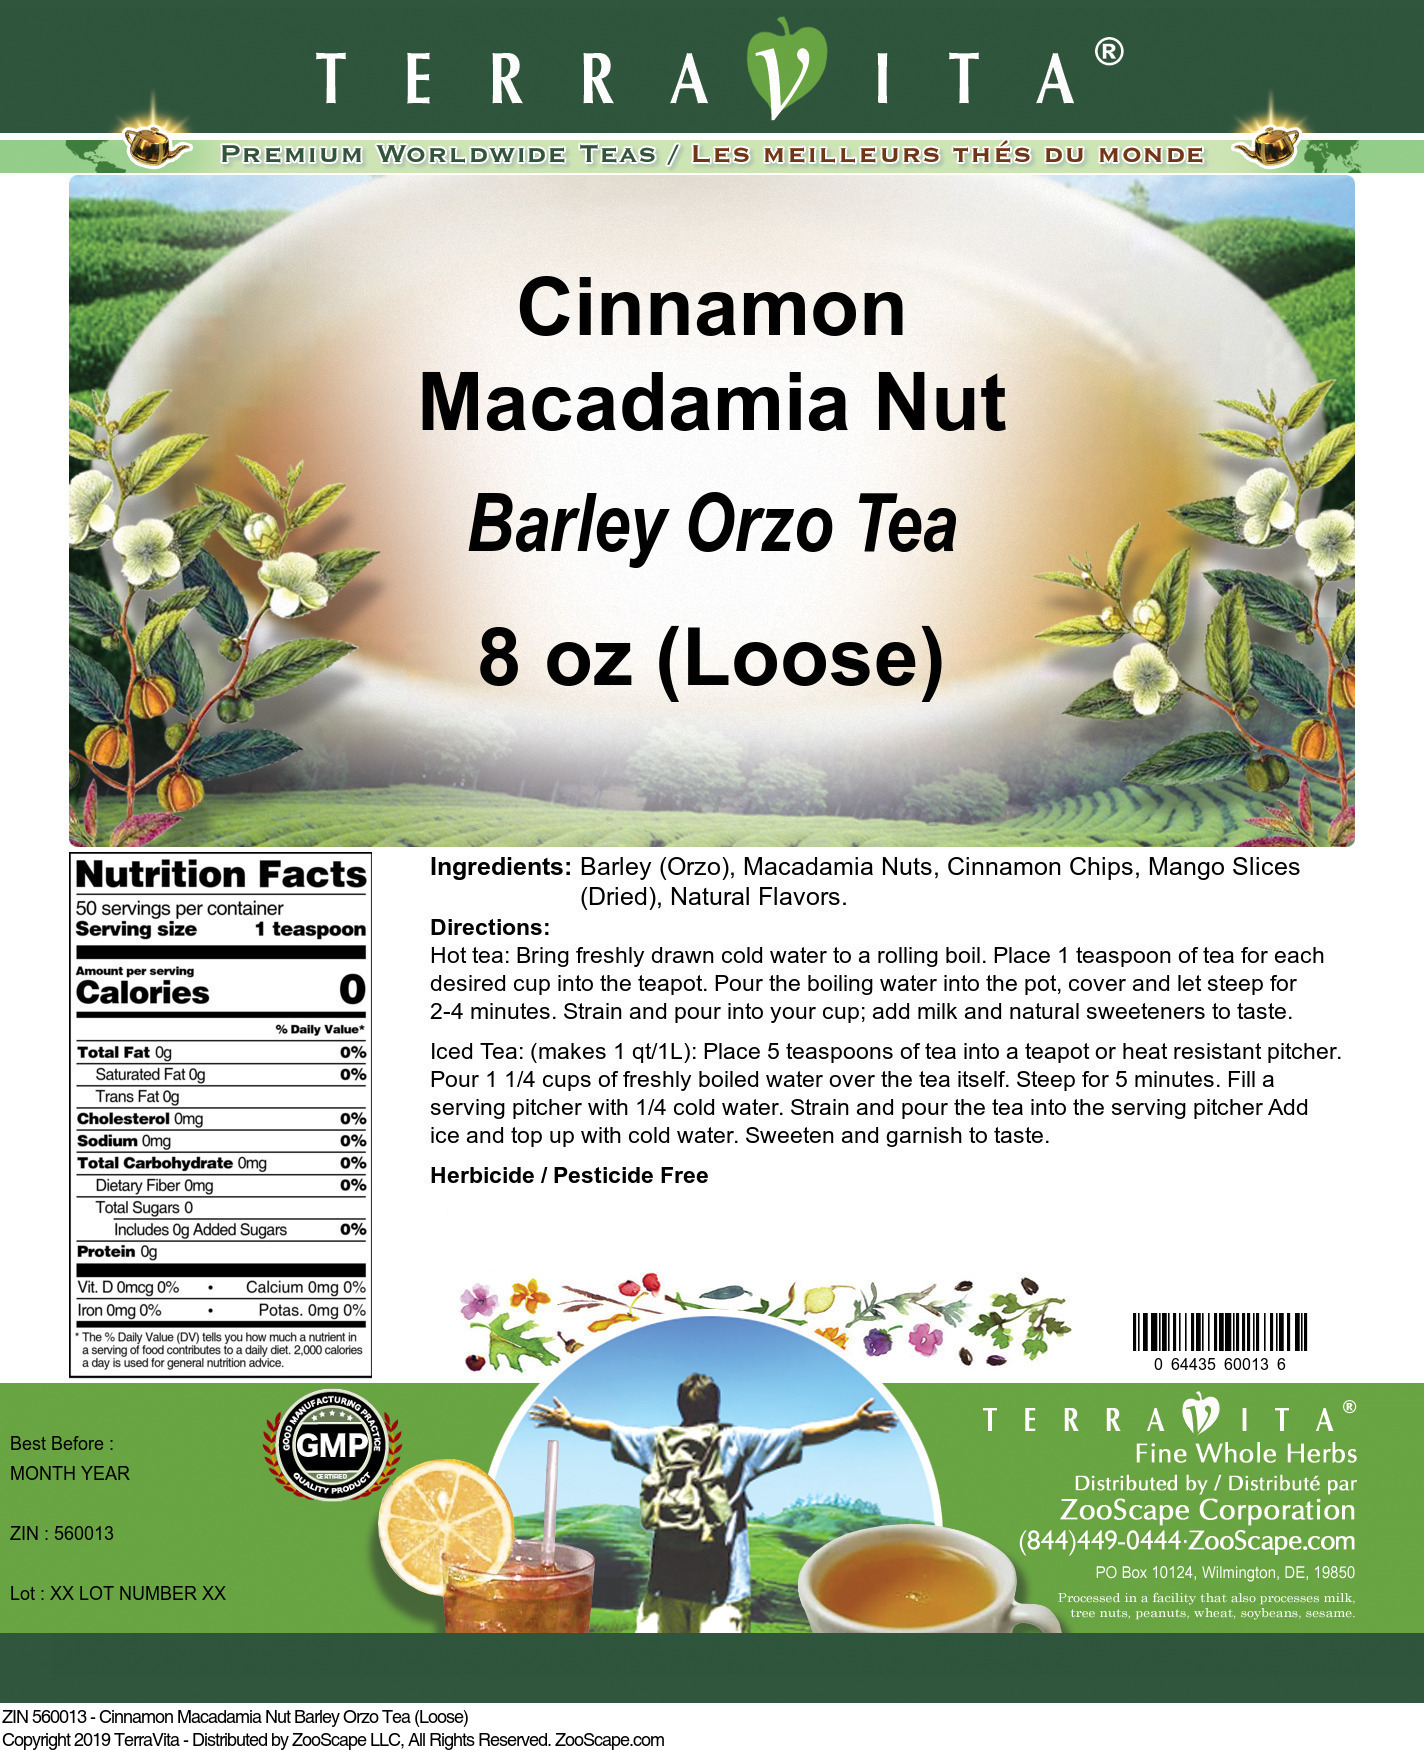 Cinnamon Macadamia Nut Barley Orzo Tea (Loose)